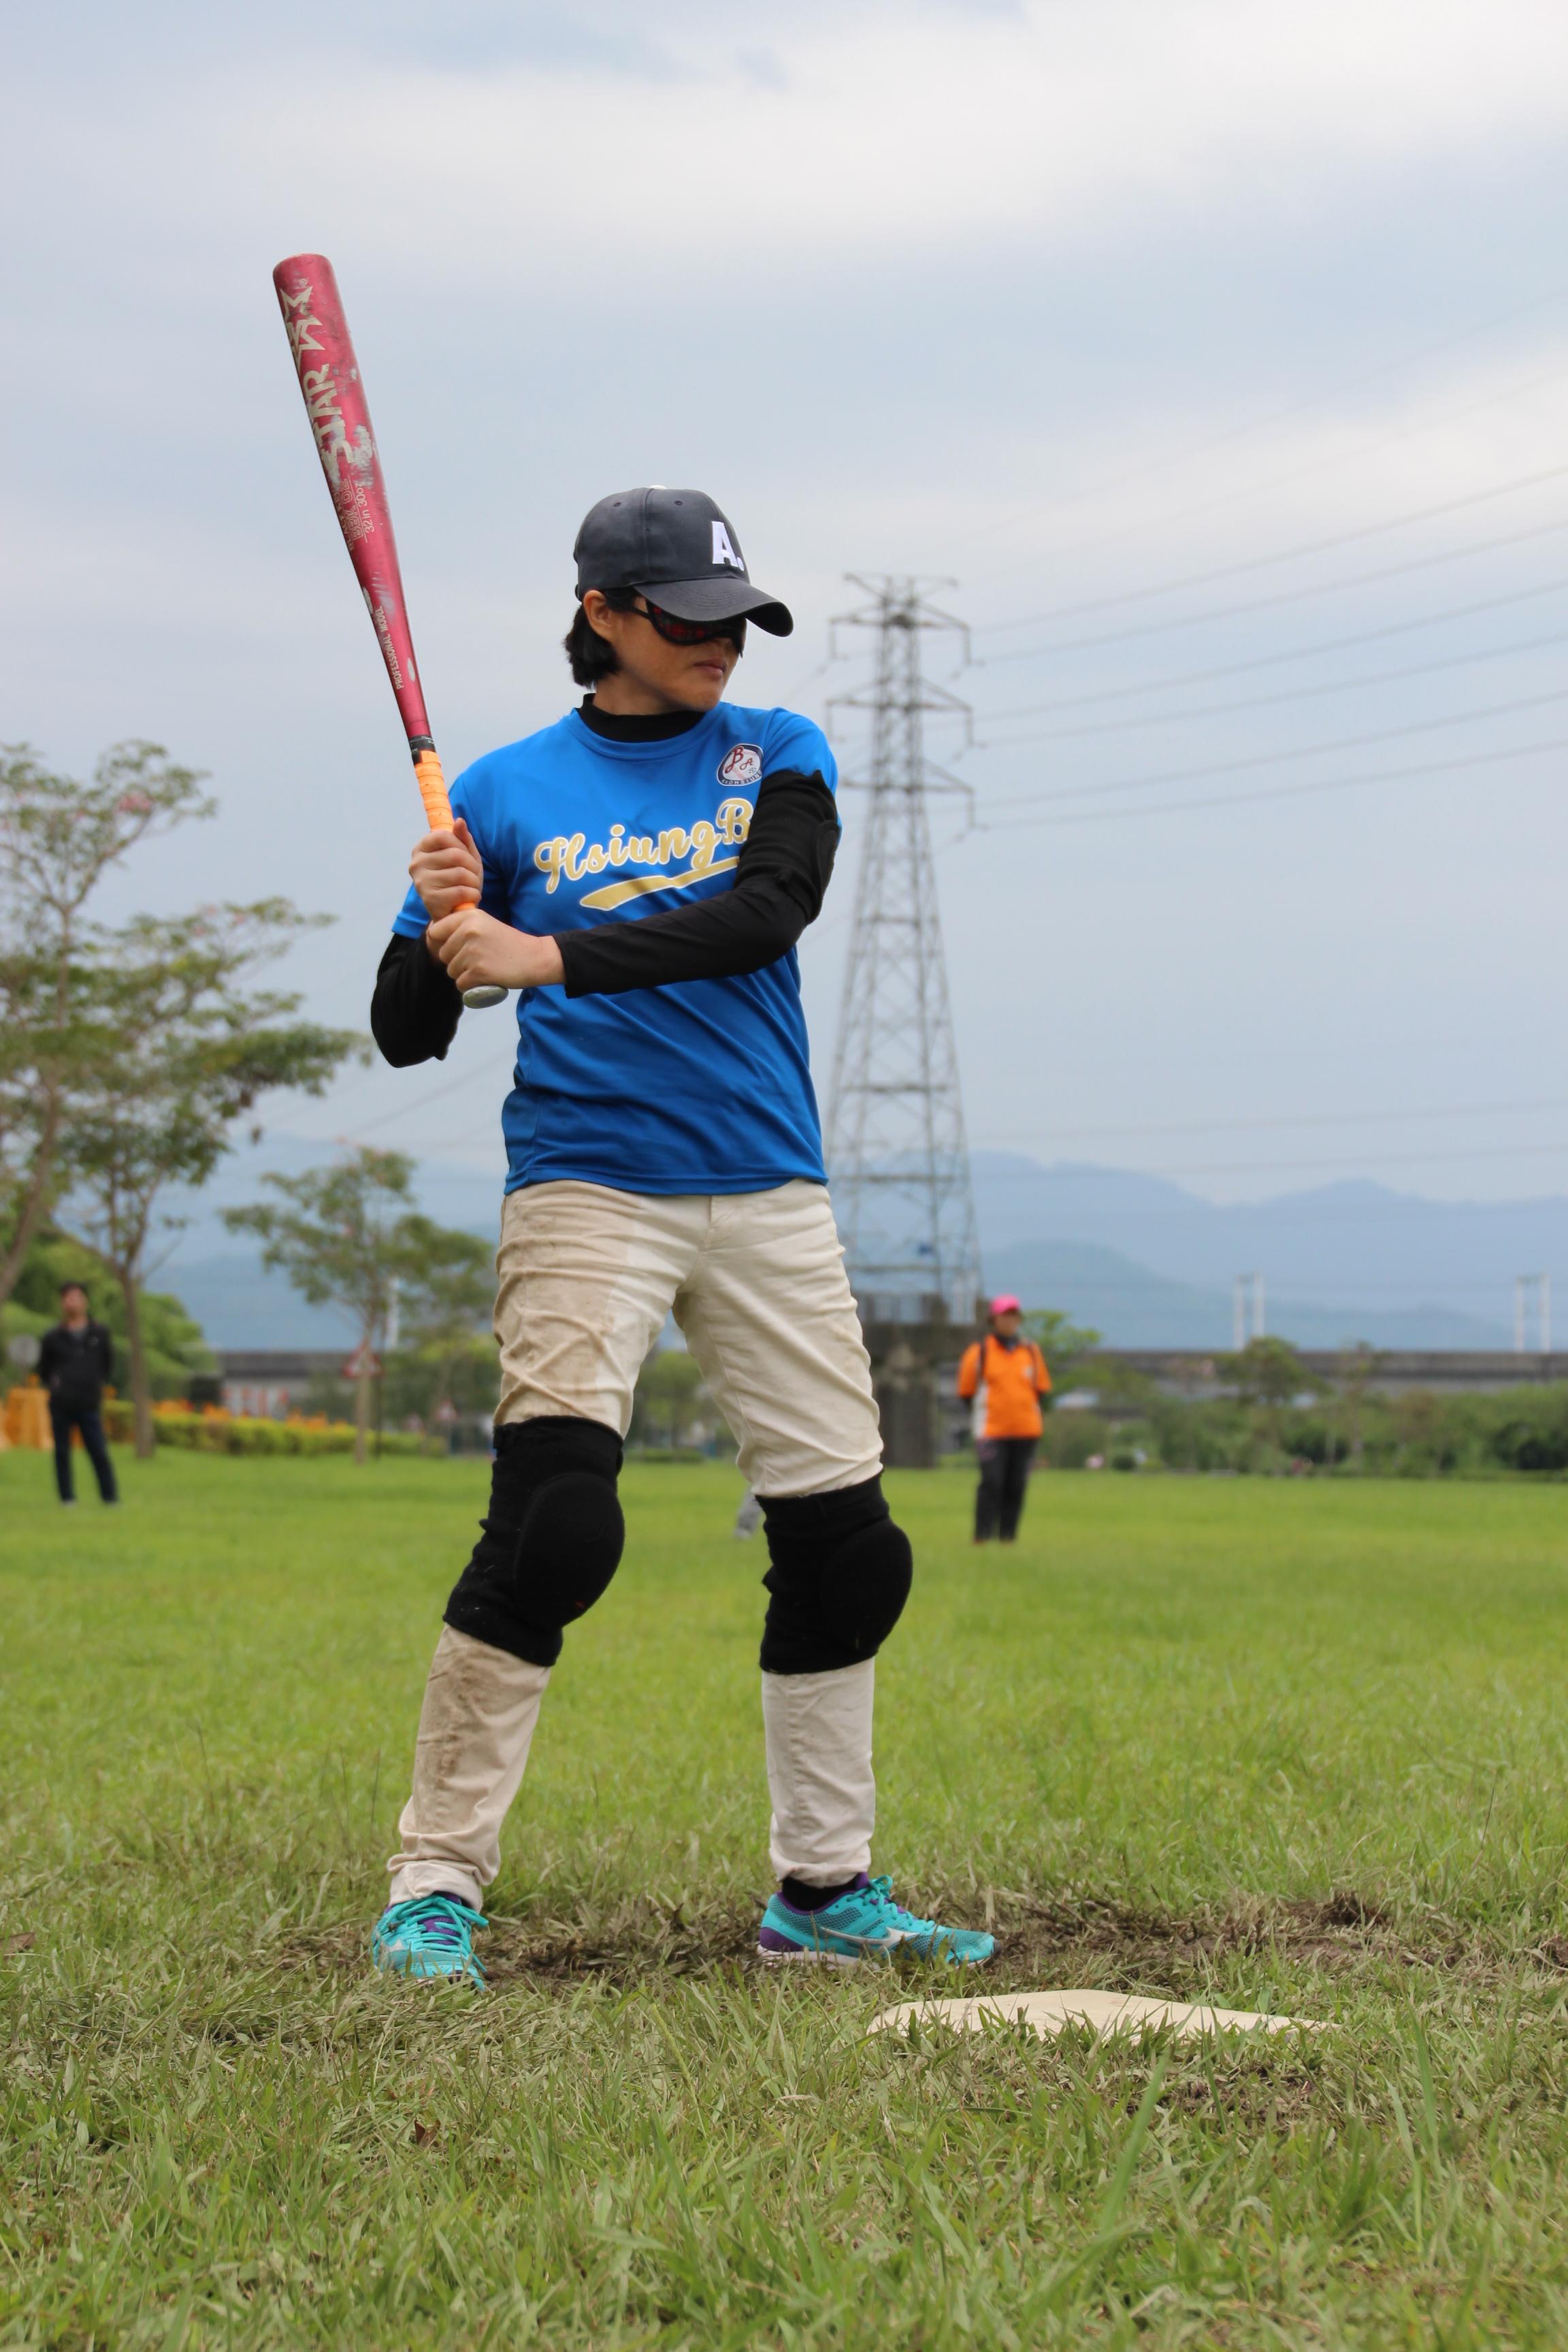 盲人棒球比賽中認真擔任打擊手的媛玲